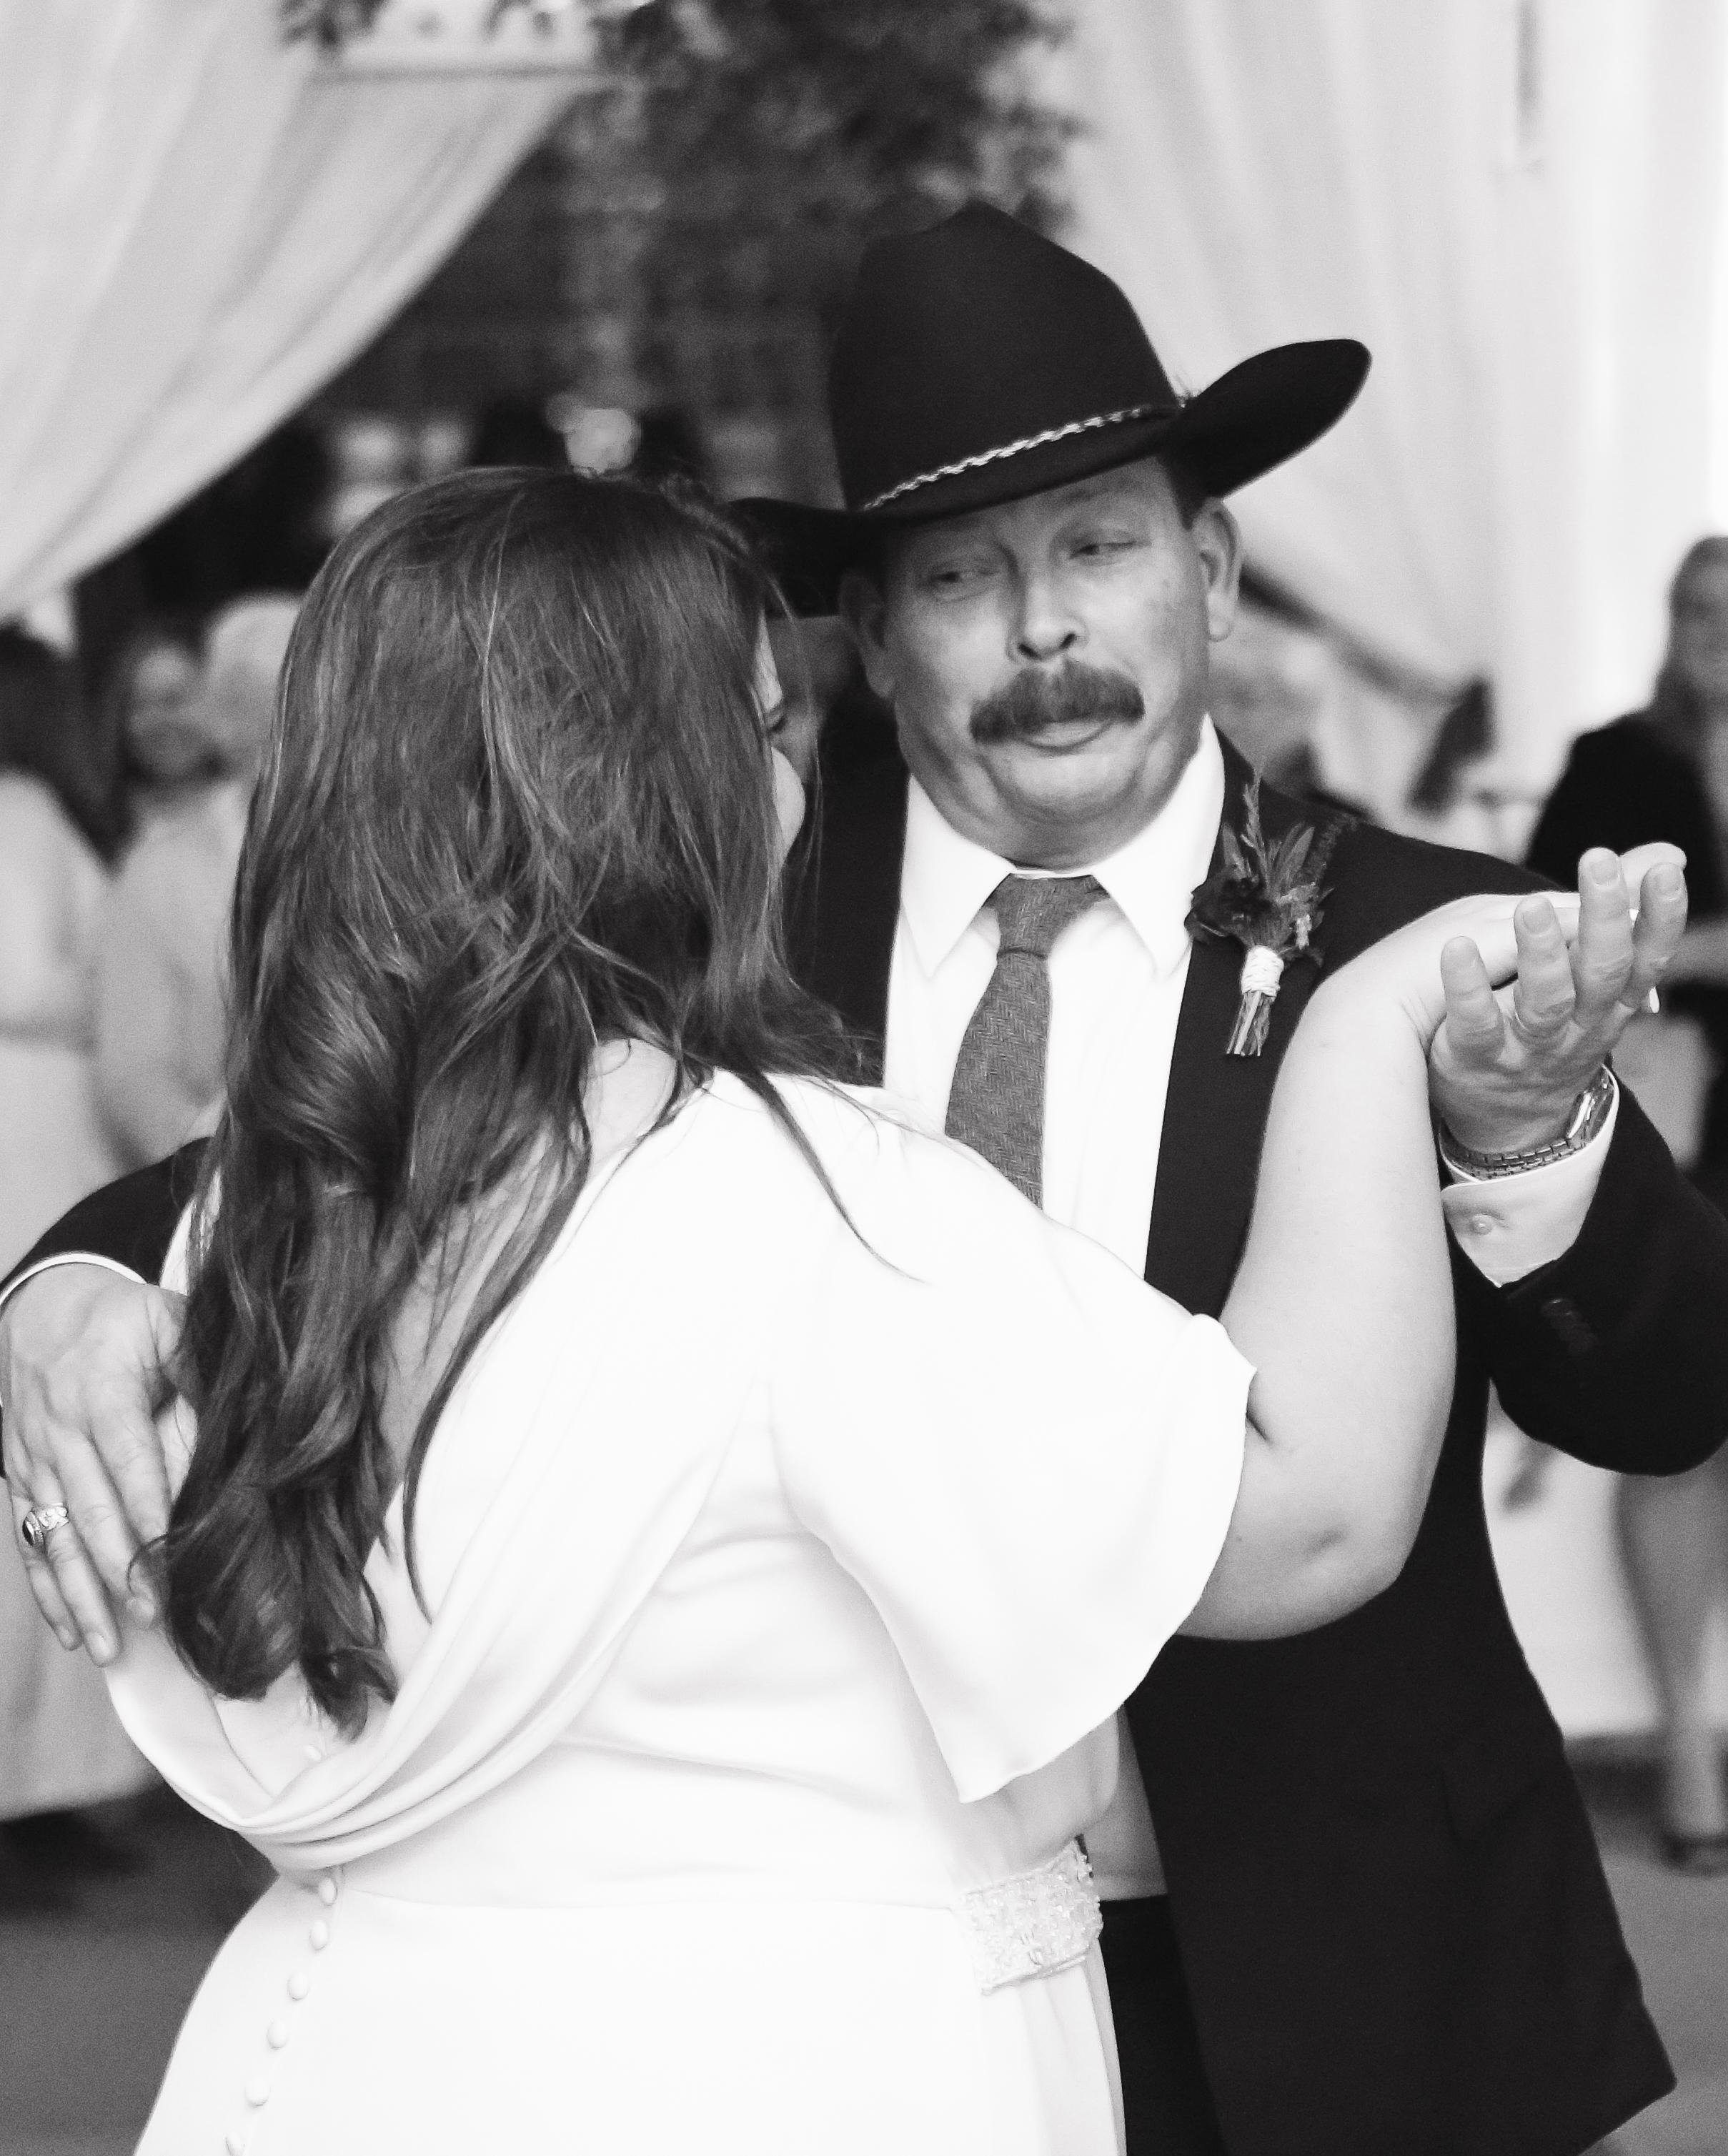 jessie-justin-wedding-dad-79-s112135-0915.jpg